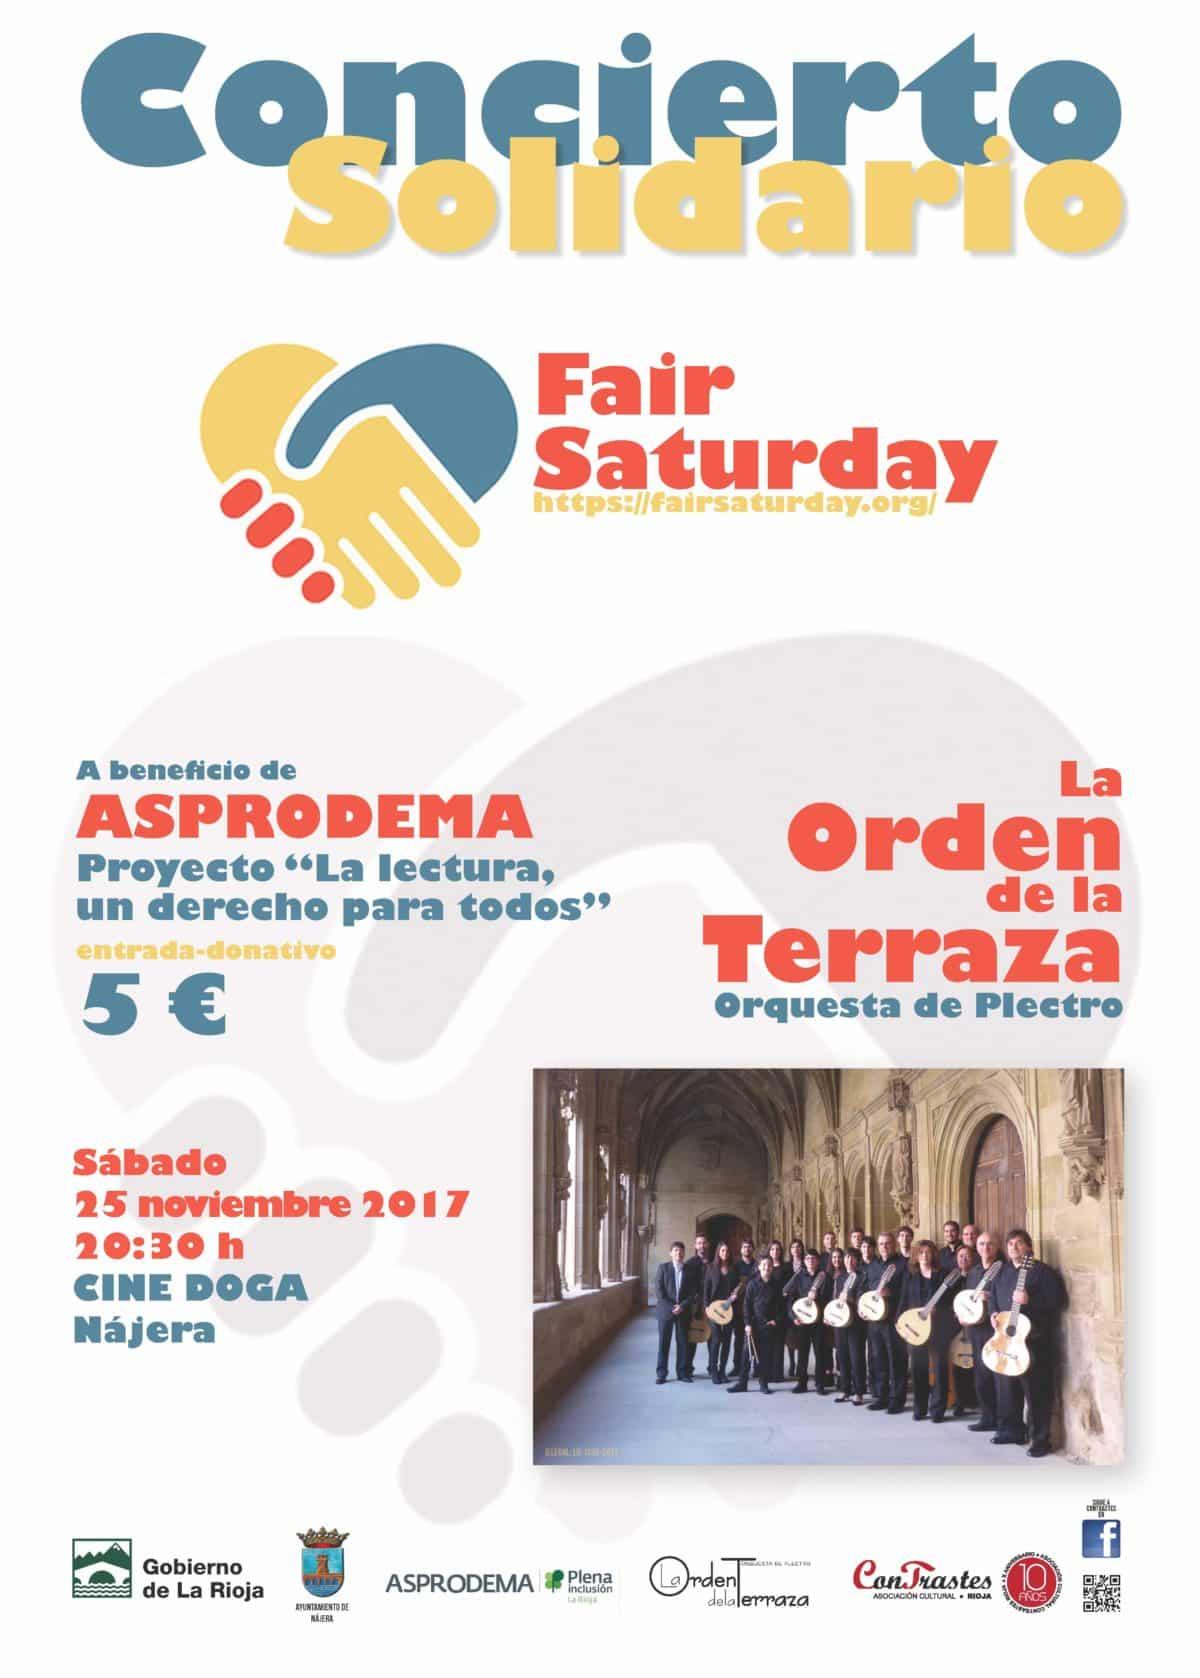 El Cine Doga de Nájera acogerá este sábado un concierto solidario de la Orden de la Terraza a beneficio de Asprodema 1